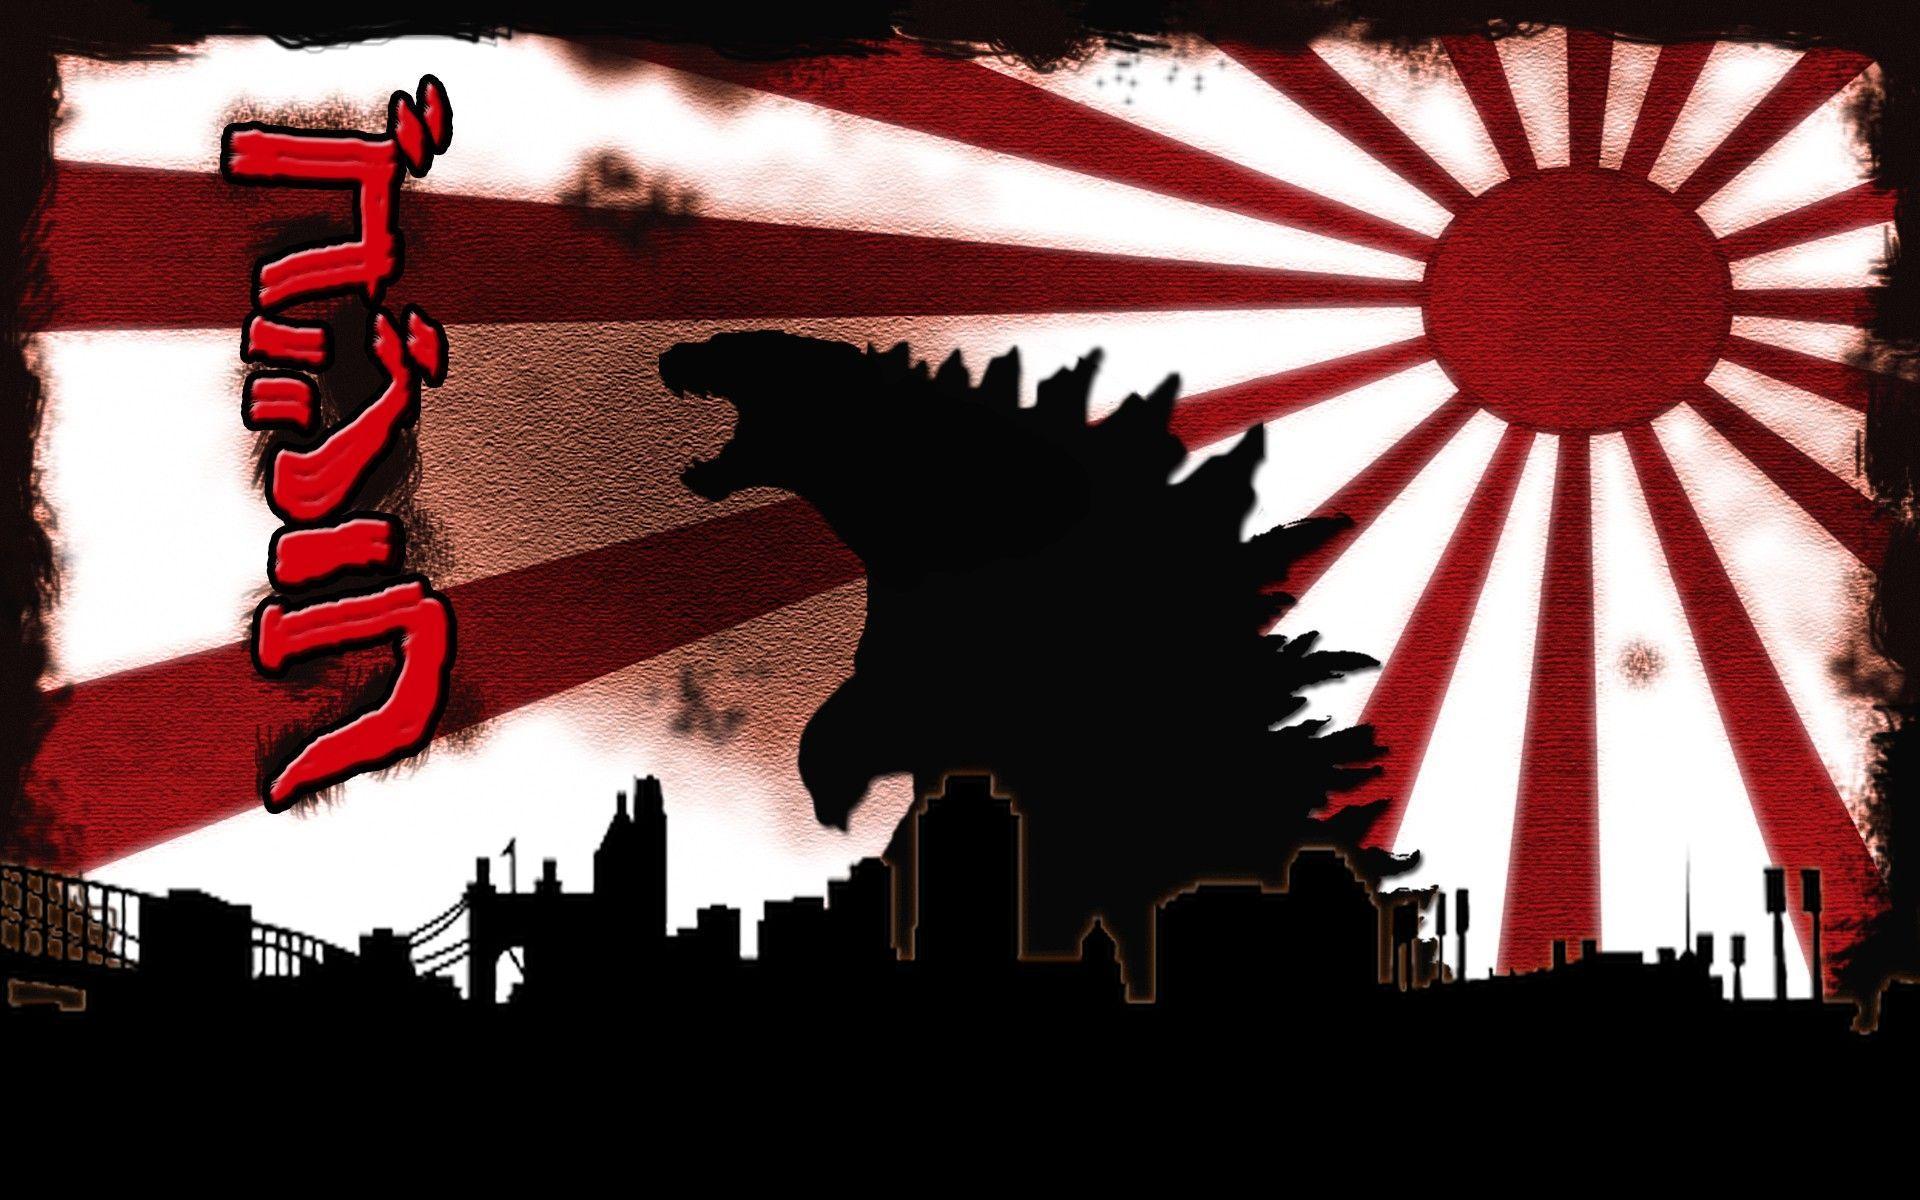 1920x1200 Godzilla Kaiju